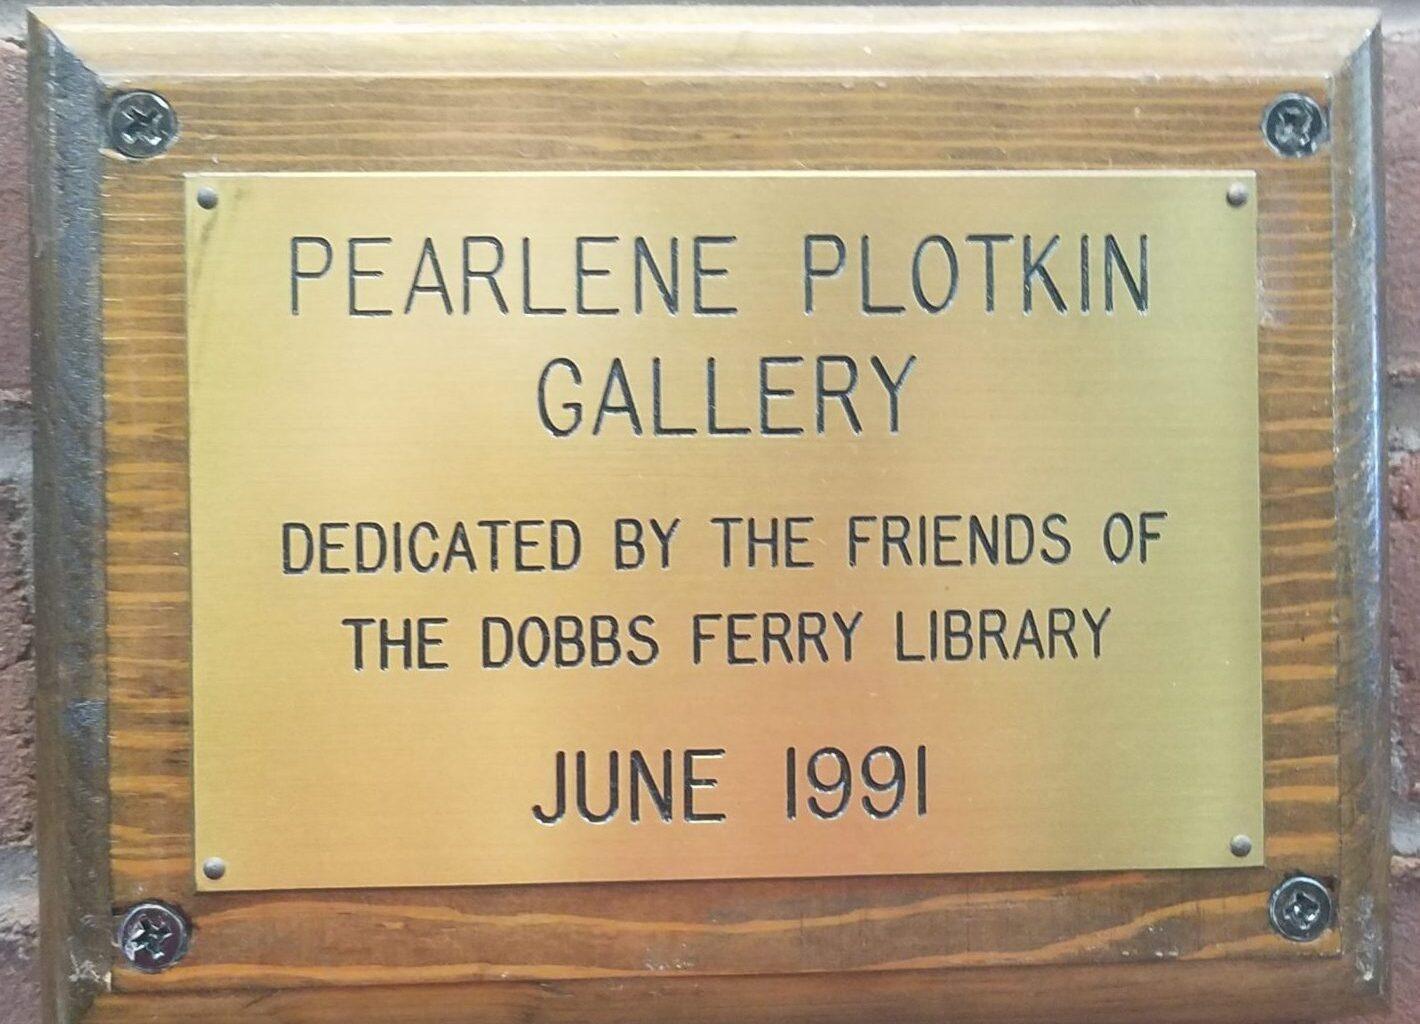 The Pearlene Plotkin Gallery